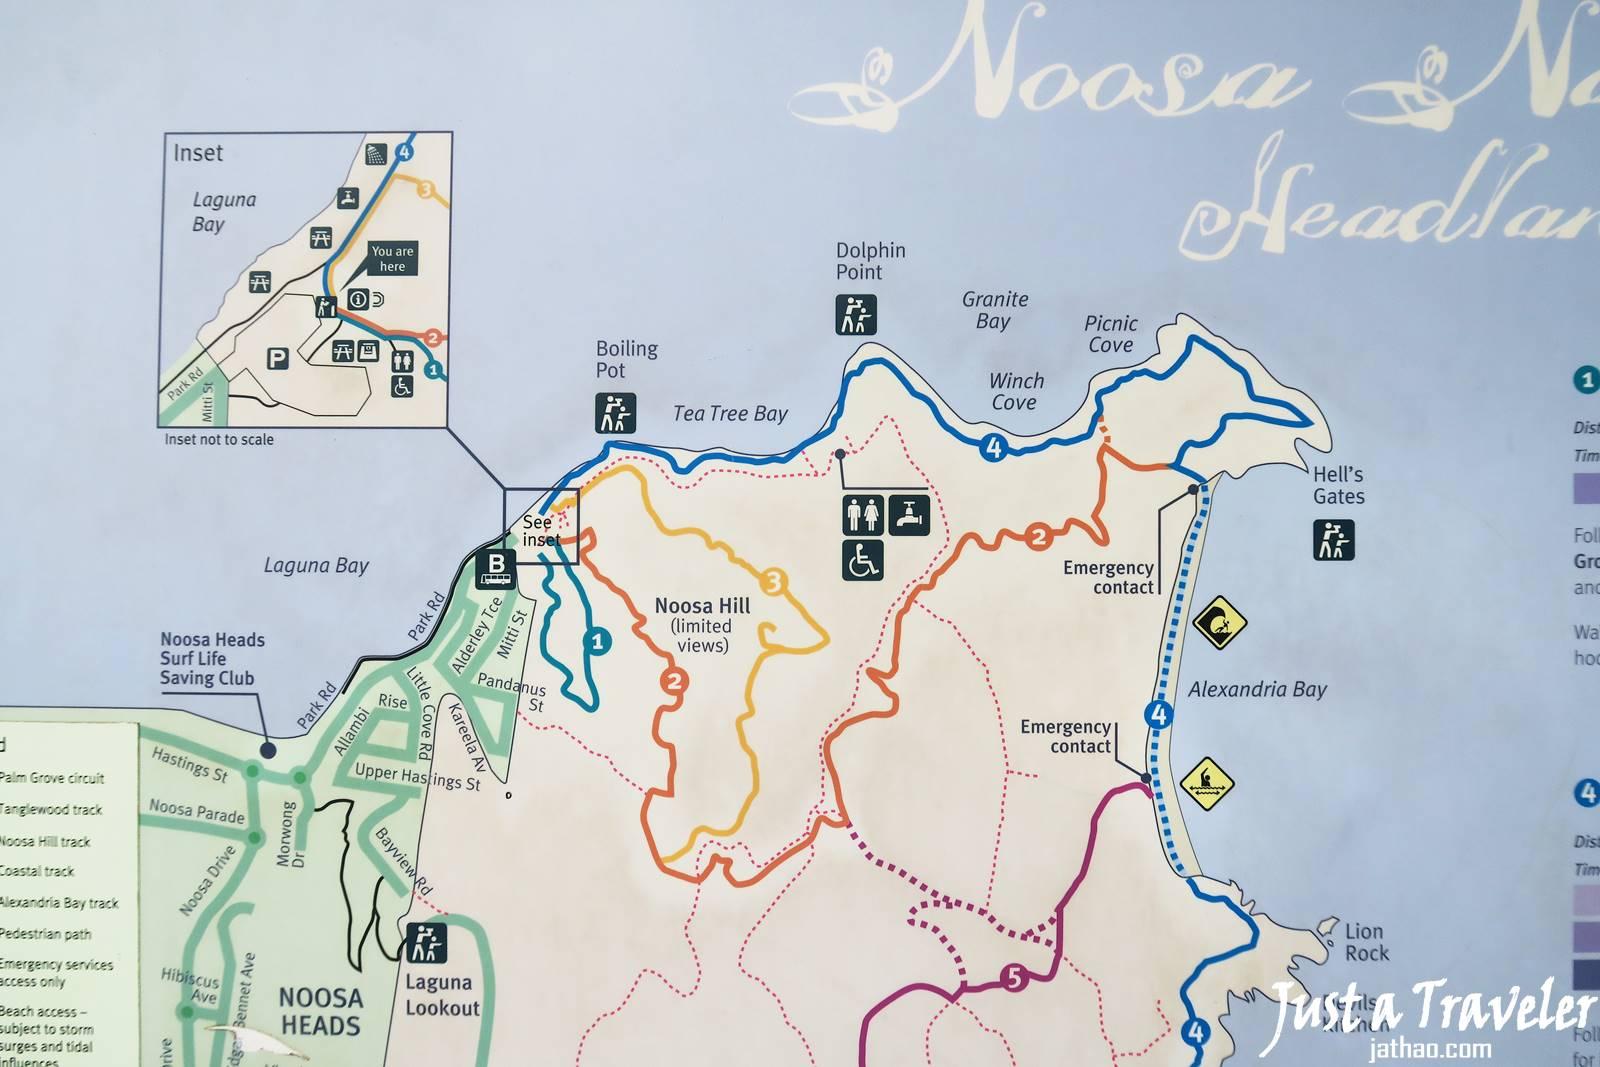 布里斯本-陽光海岸-努沙-Noosa-努沙海灘-努沙國家公園-地圖-Map-一日遊-二日遊-遊記-景點-住宿-Main-Beach-National-Park-Sunshine-Coast